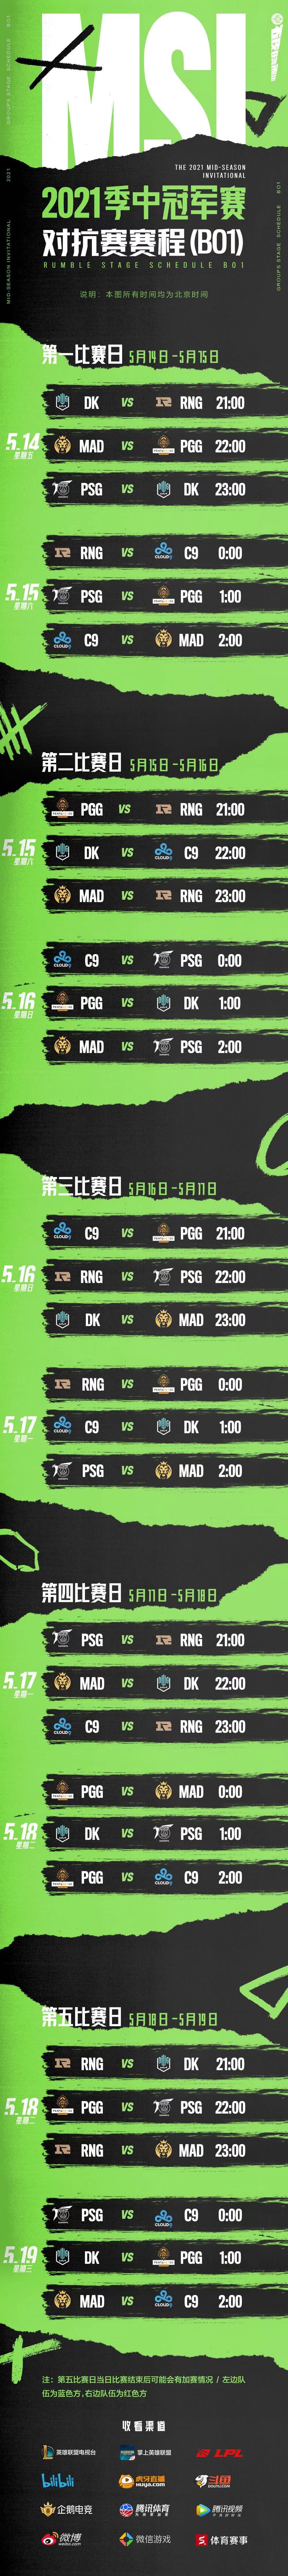 2021季中冠军赛对抗赛赛程公布!xiaohu多项数据第一